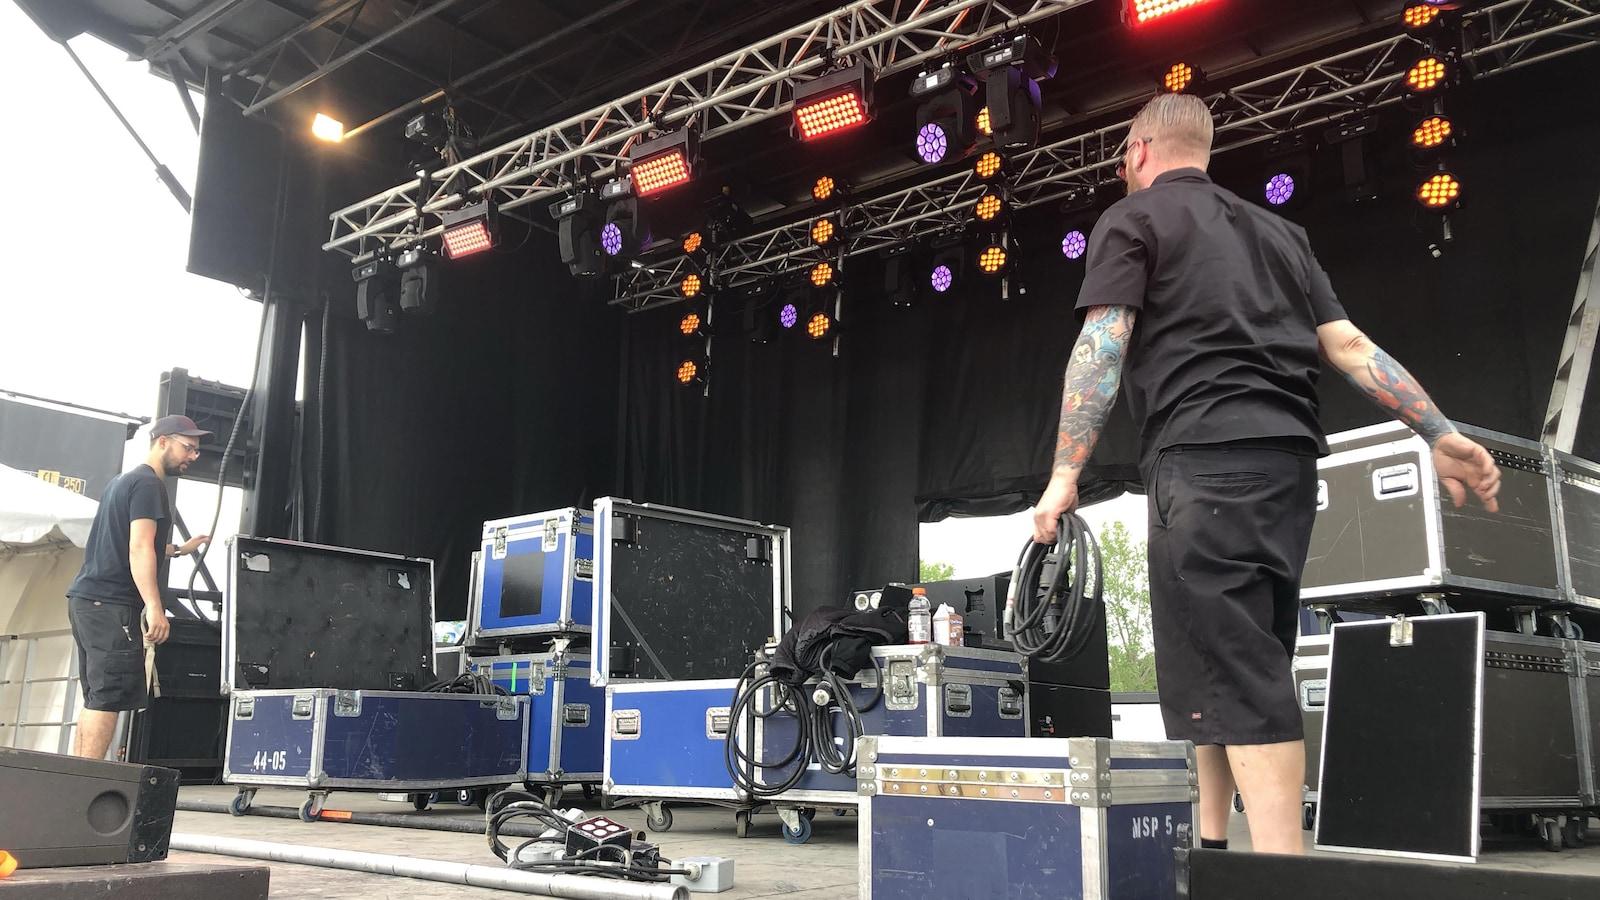 Des hommes déplacent de l'équipement et des caisses de matériel sur une scène.